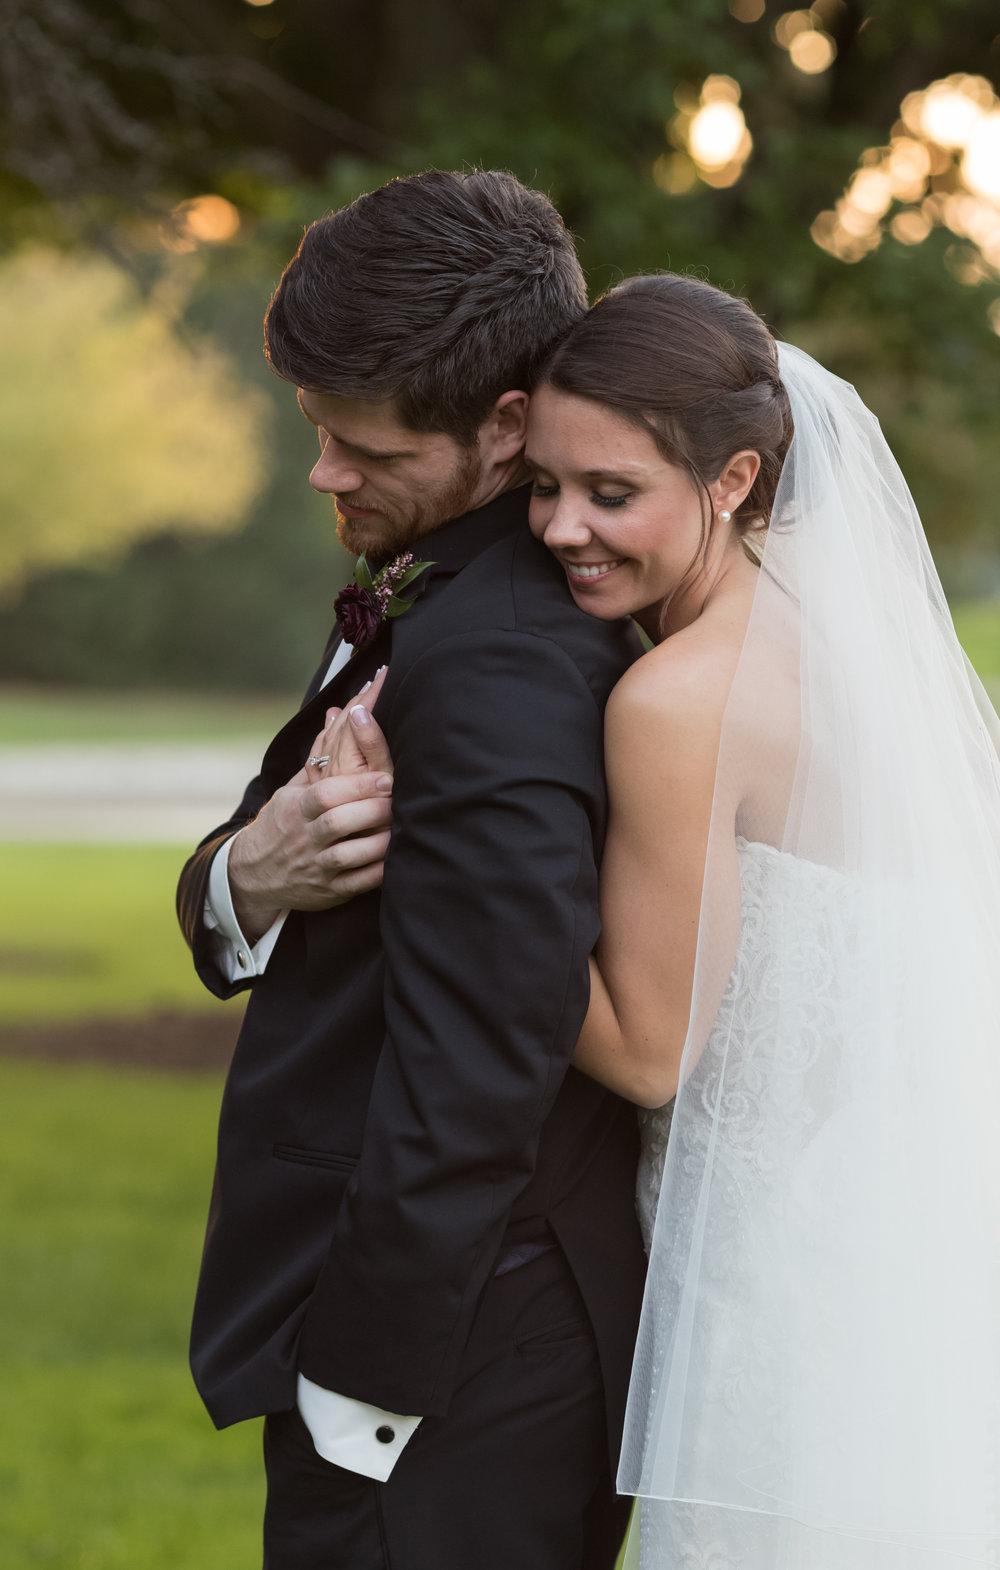 shareyah_John_detroit_wedding_preview_063.JPG